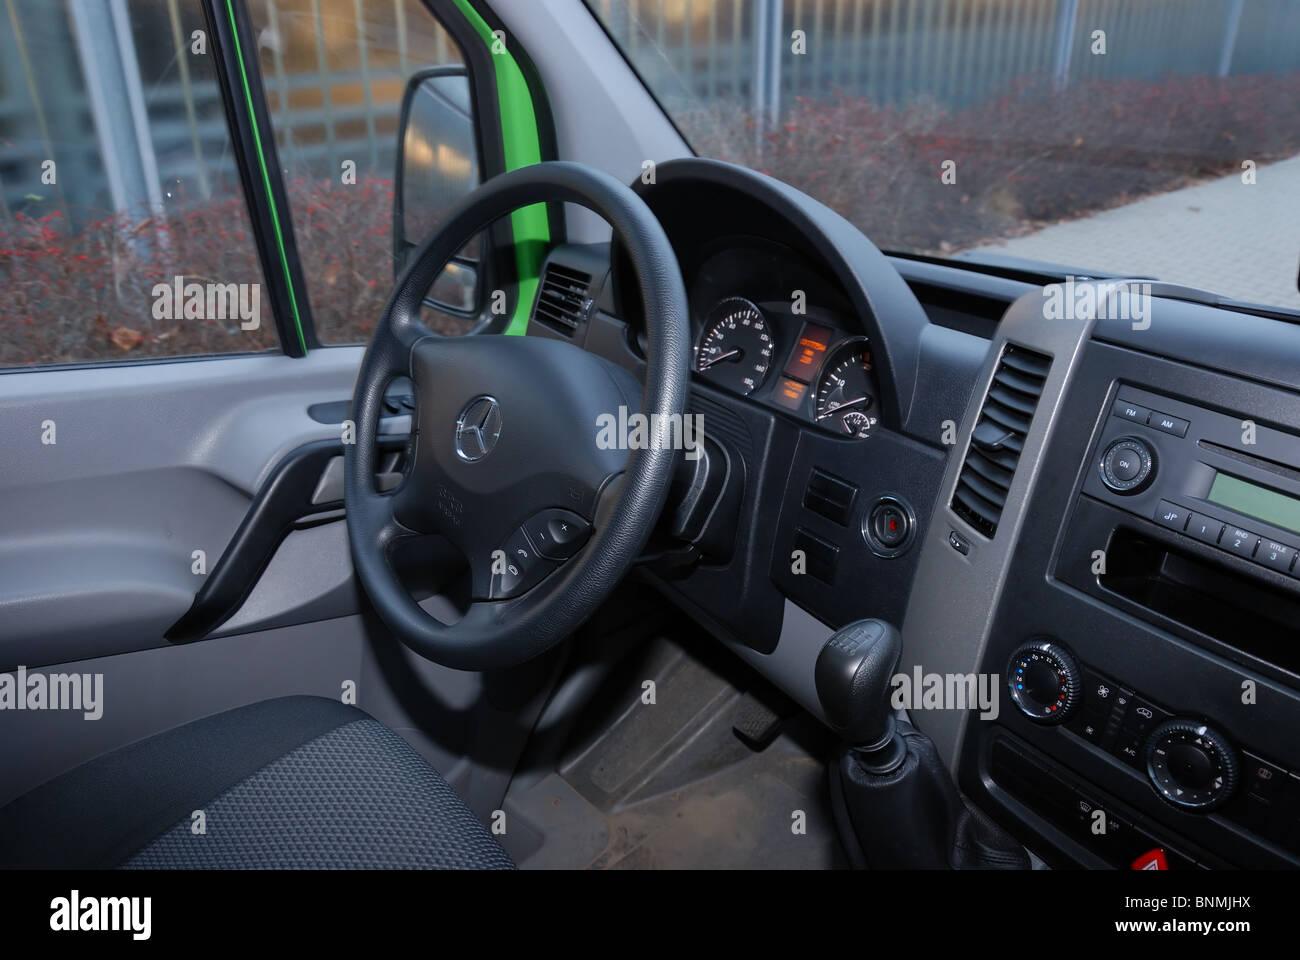 https://c8.alamy.com/compde/bnmjhx/mercedes-benz-sprinter-260-cdi-van-grun-l3h2-deutsch-mcv-van-interieur-dashboard-cockpit-bnmjhx.jpg